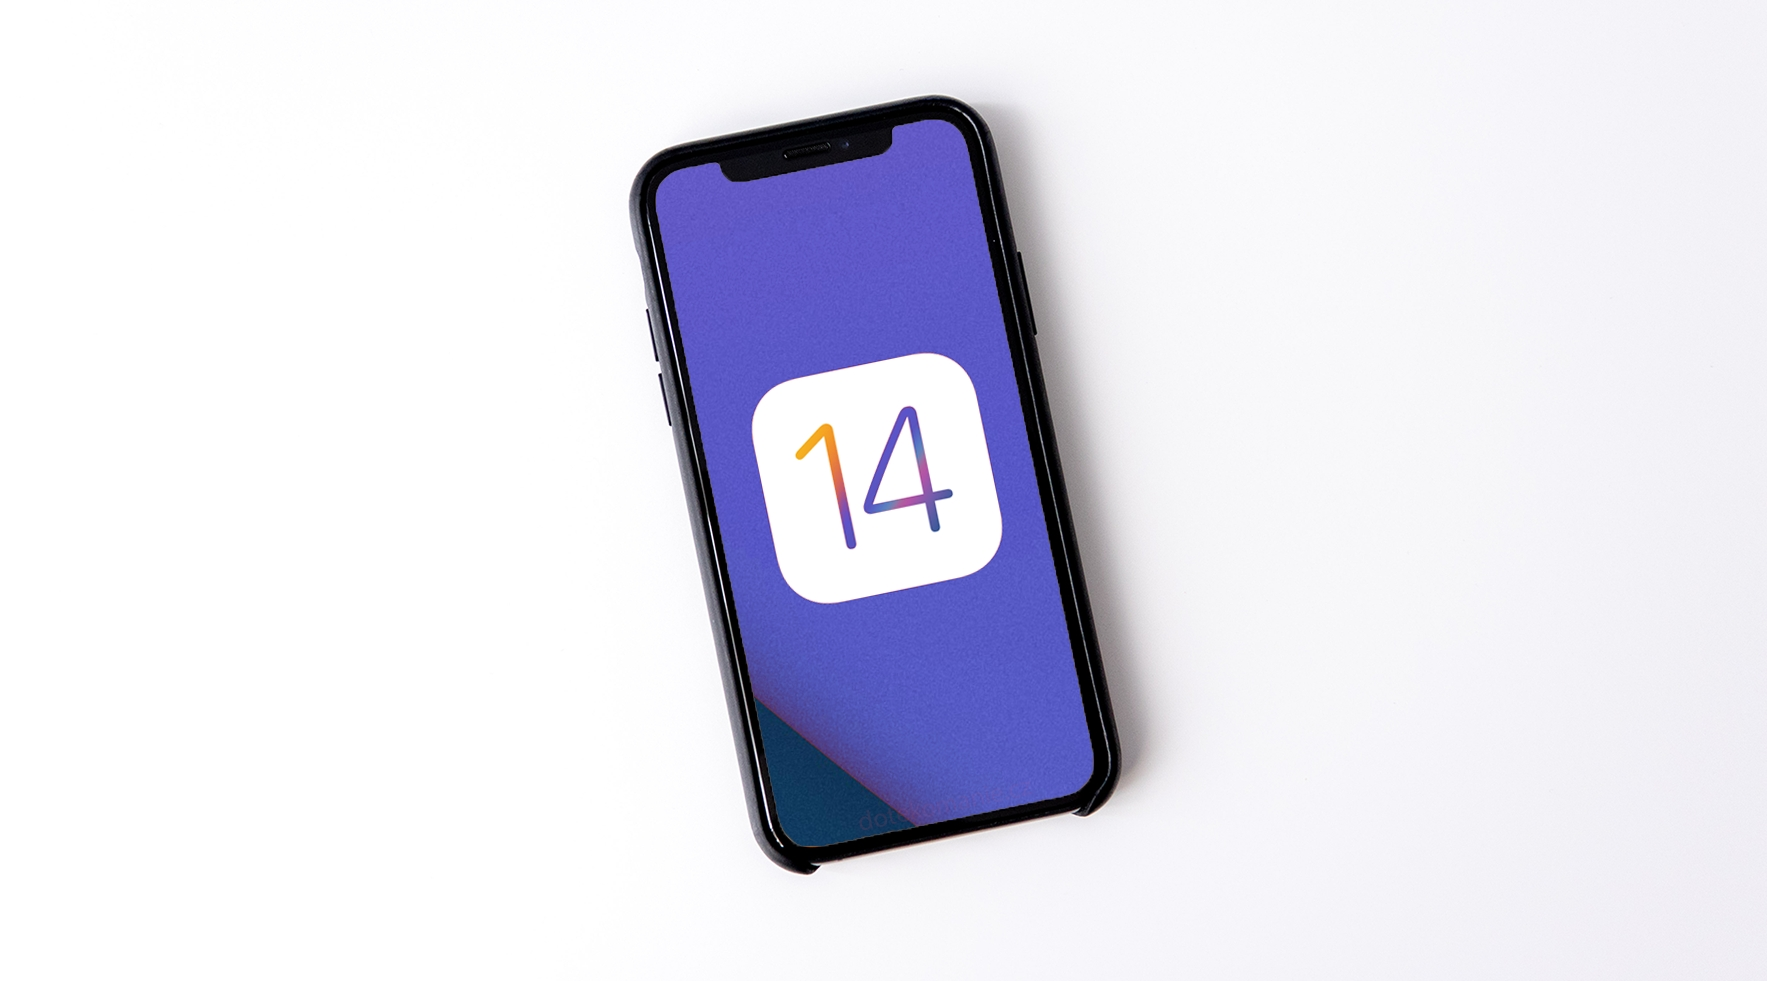 Vychází finální verze iOS 14.5 s mnoha novinkami, stahujte již nyní